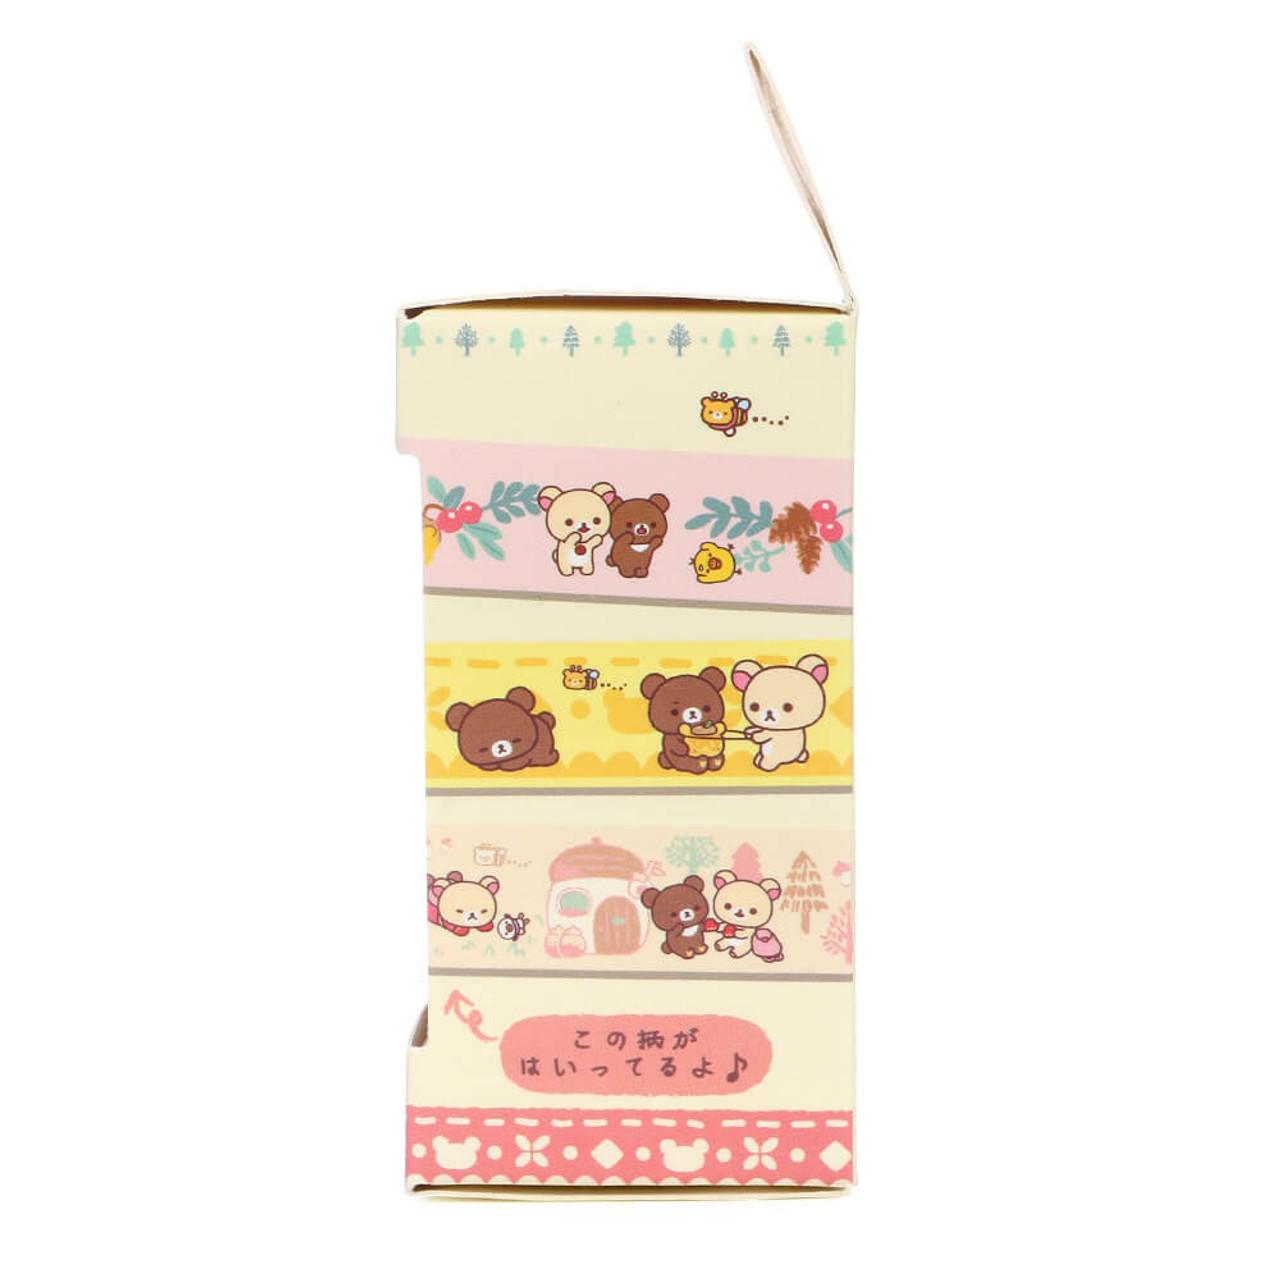 Rilakkuma Handmade Mittens Washi Tape - SE30802 ( Packing 03 )